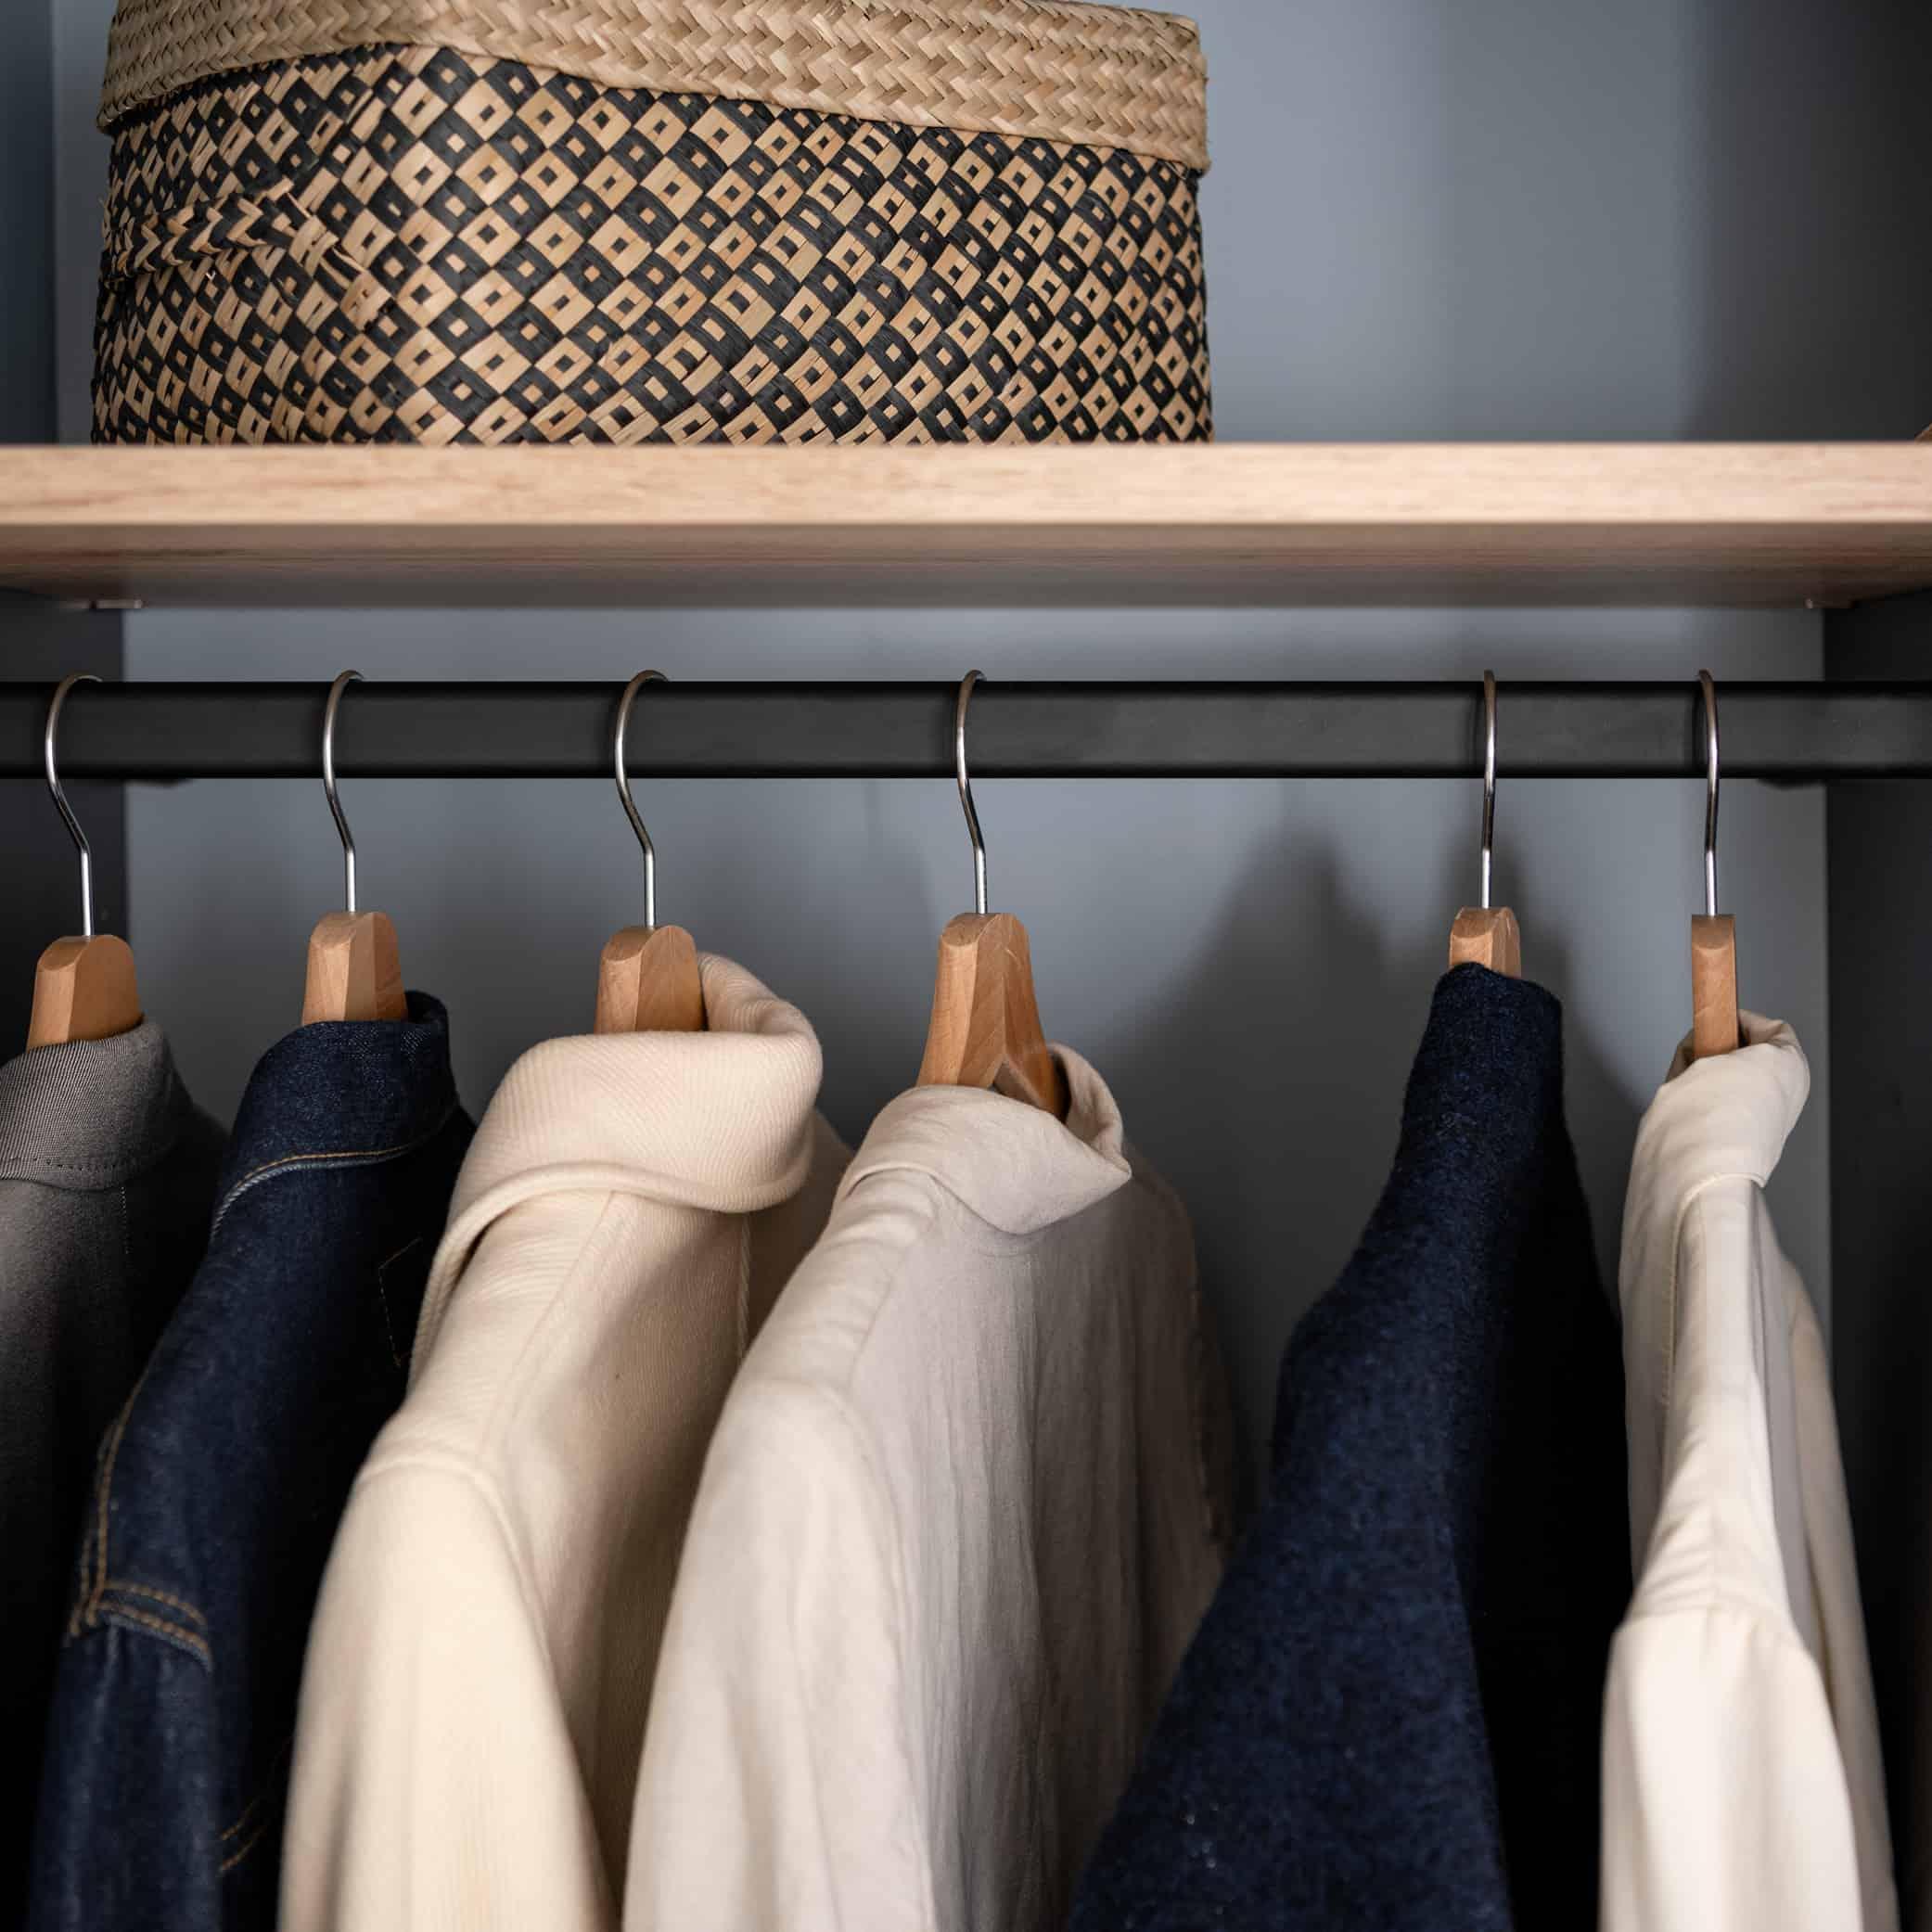 bøjlestand i garderobe